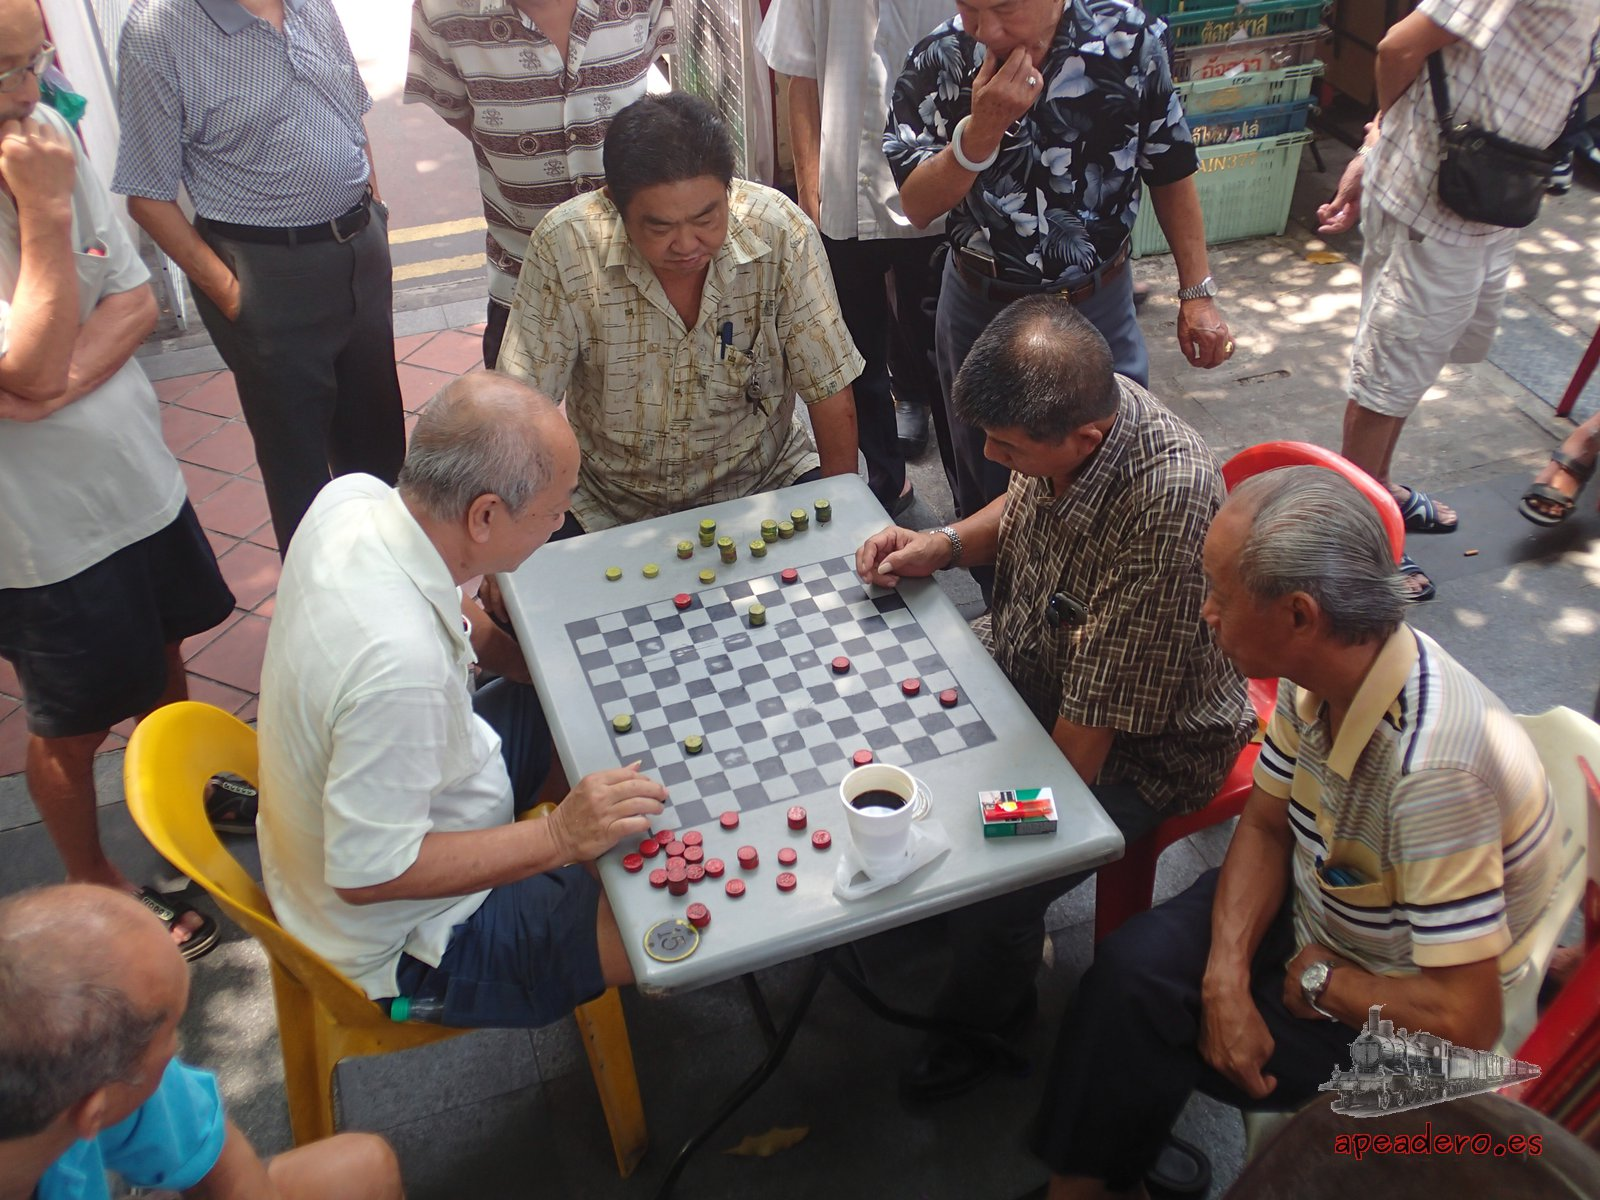 Jugar con los locales también es gratis en Singapur